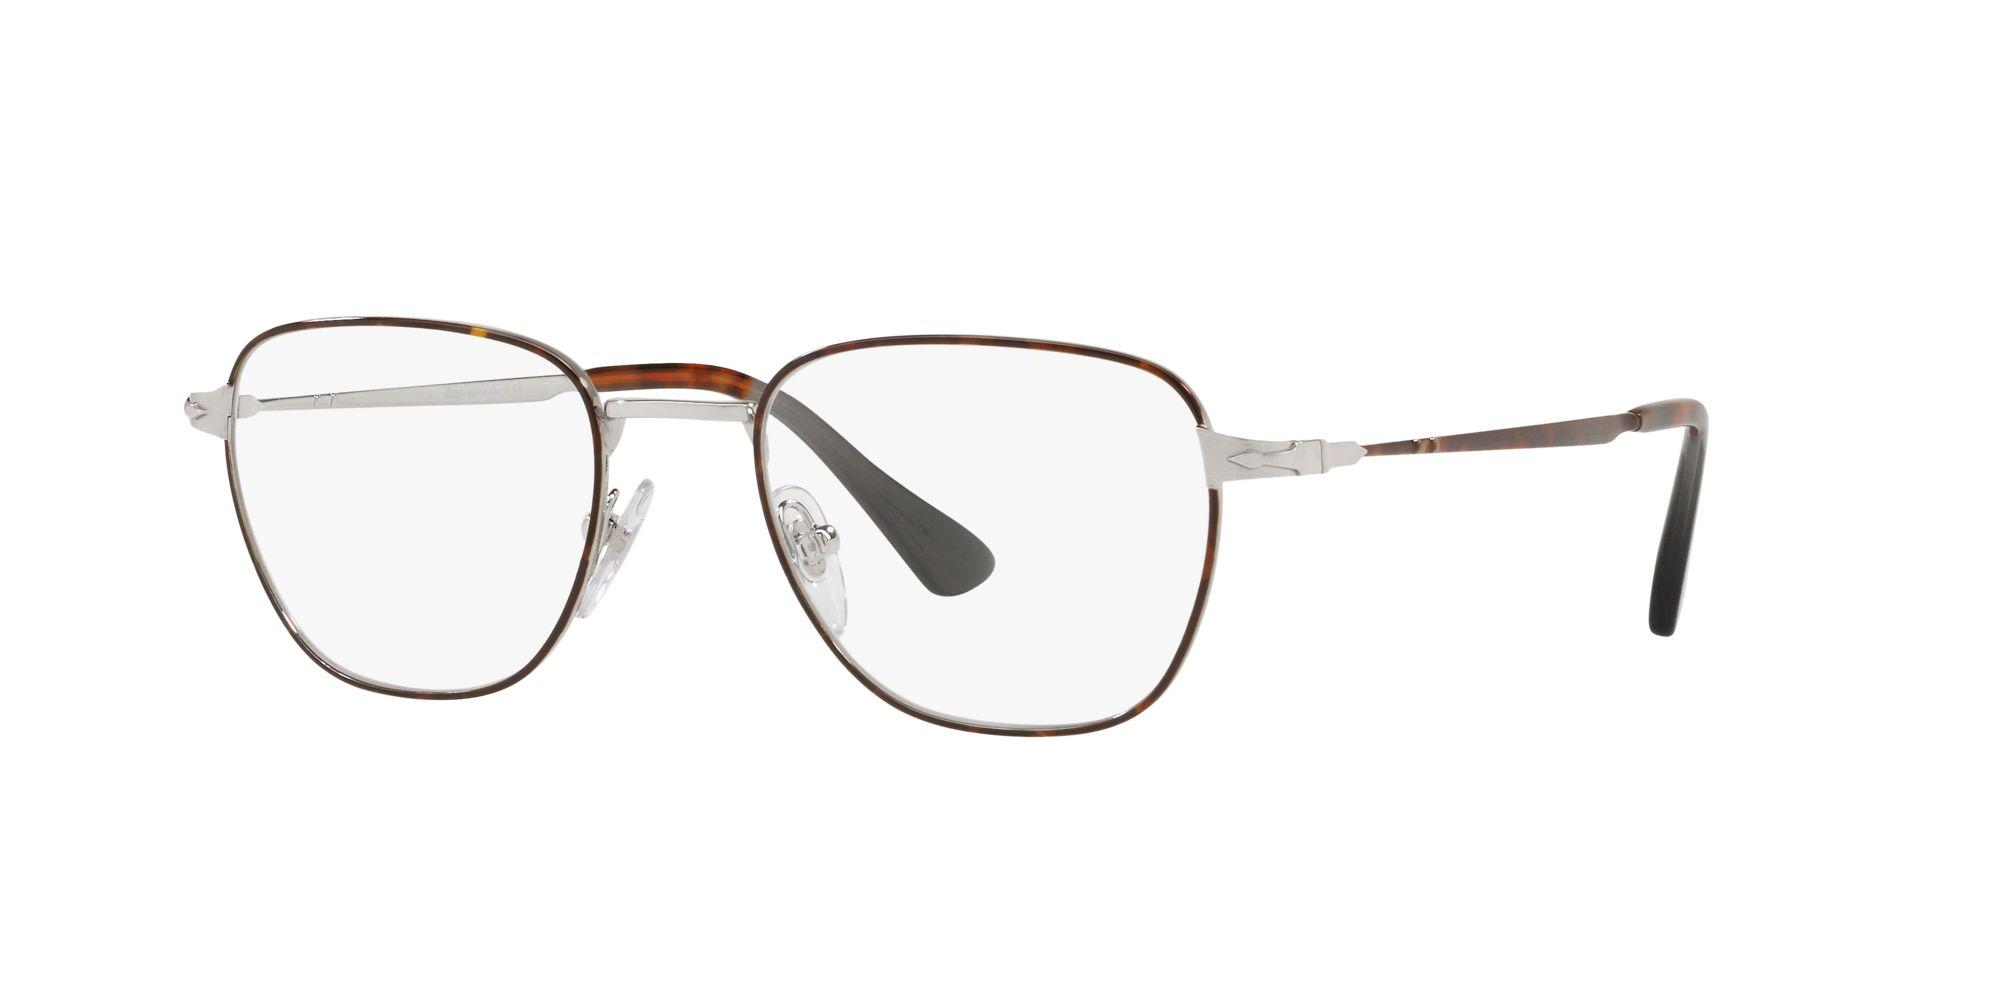 Persol - Occhiale da Vista Uomo, SARTORIA, Havana Silver  PO2447V  1082  C54